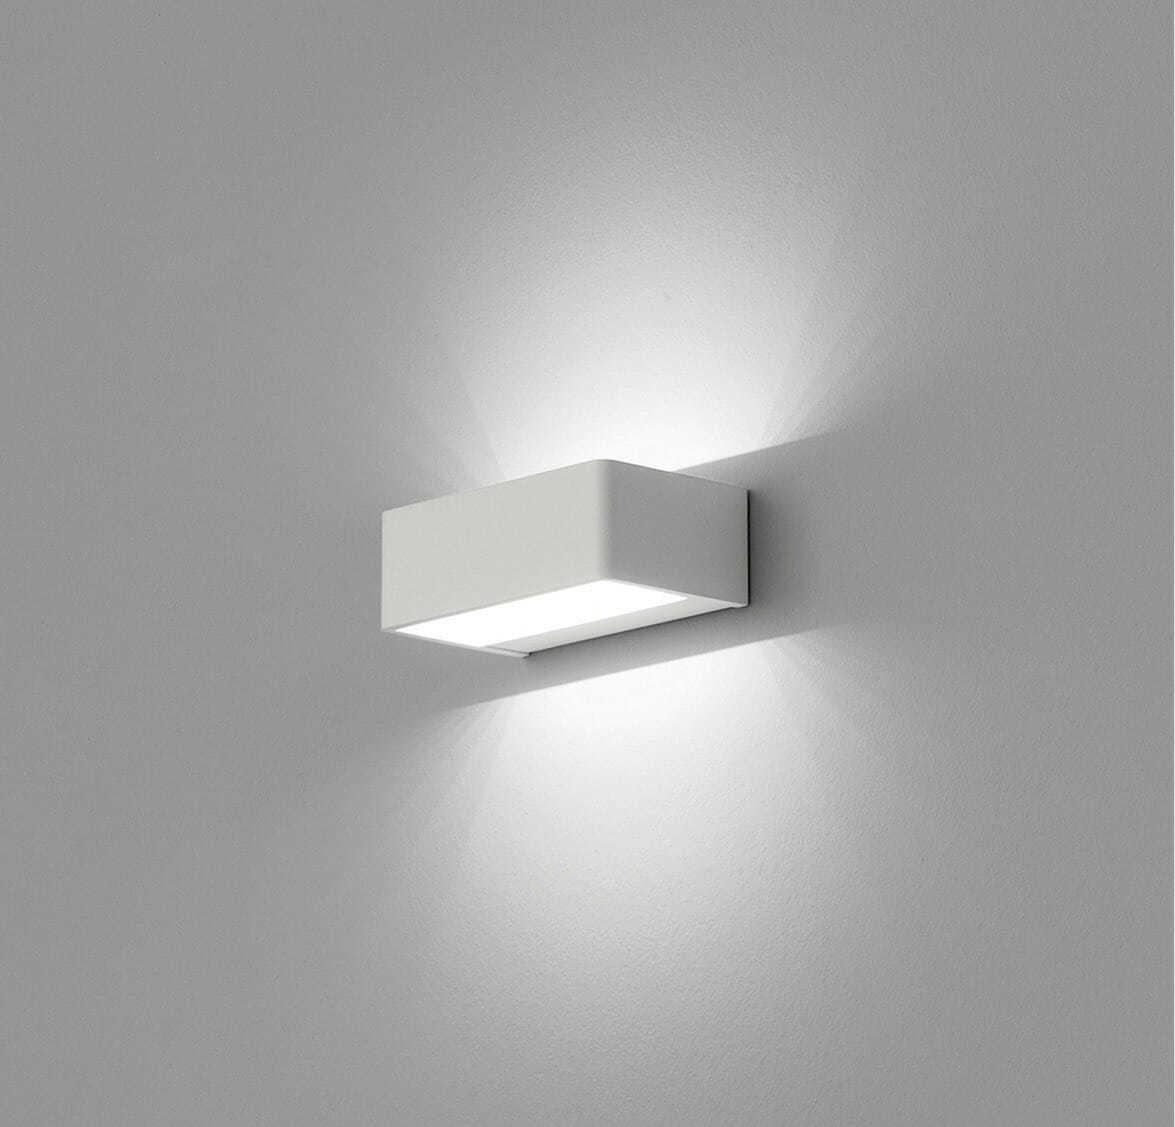 Lampada led parete maya 11 watt 3000k - Lampade per esterno a led ...